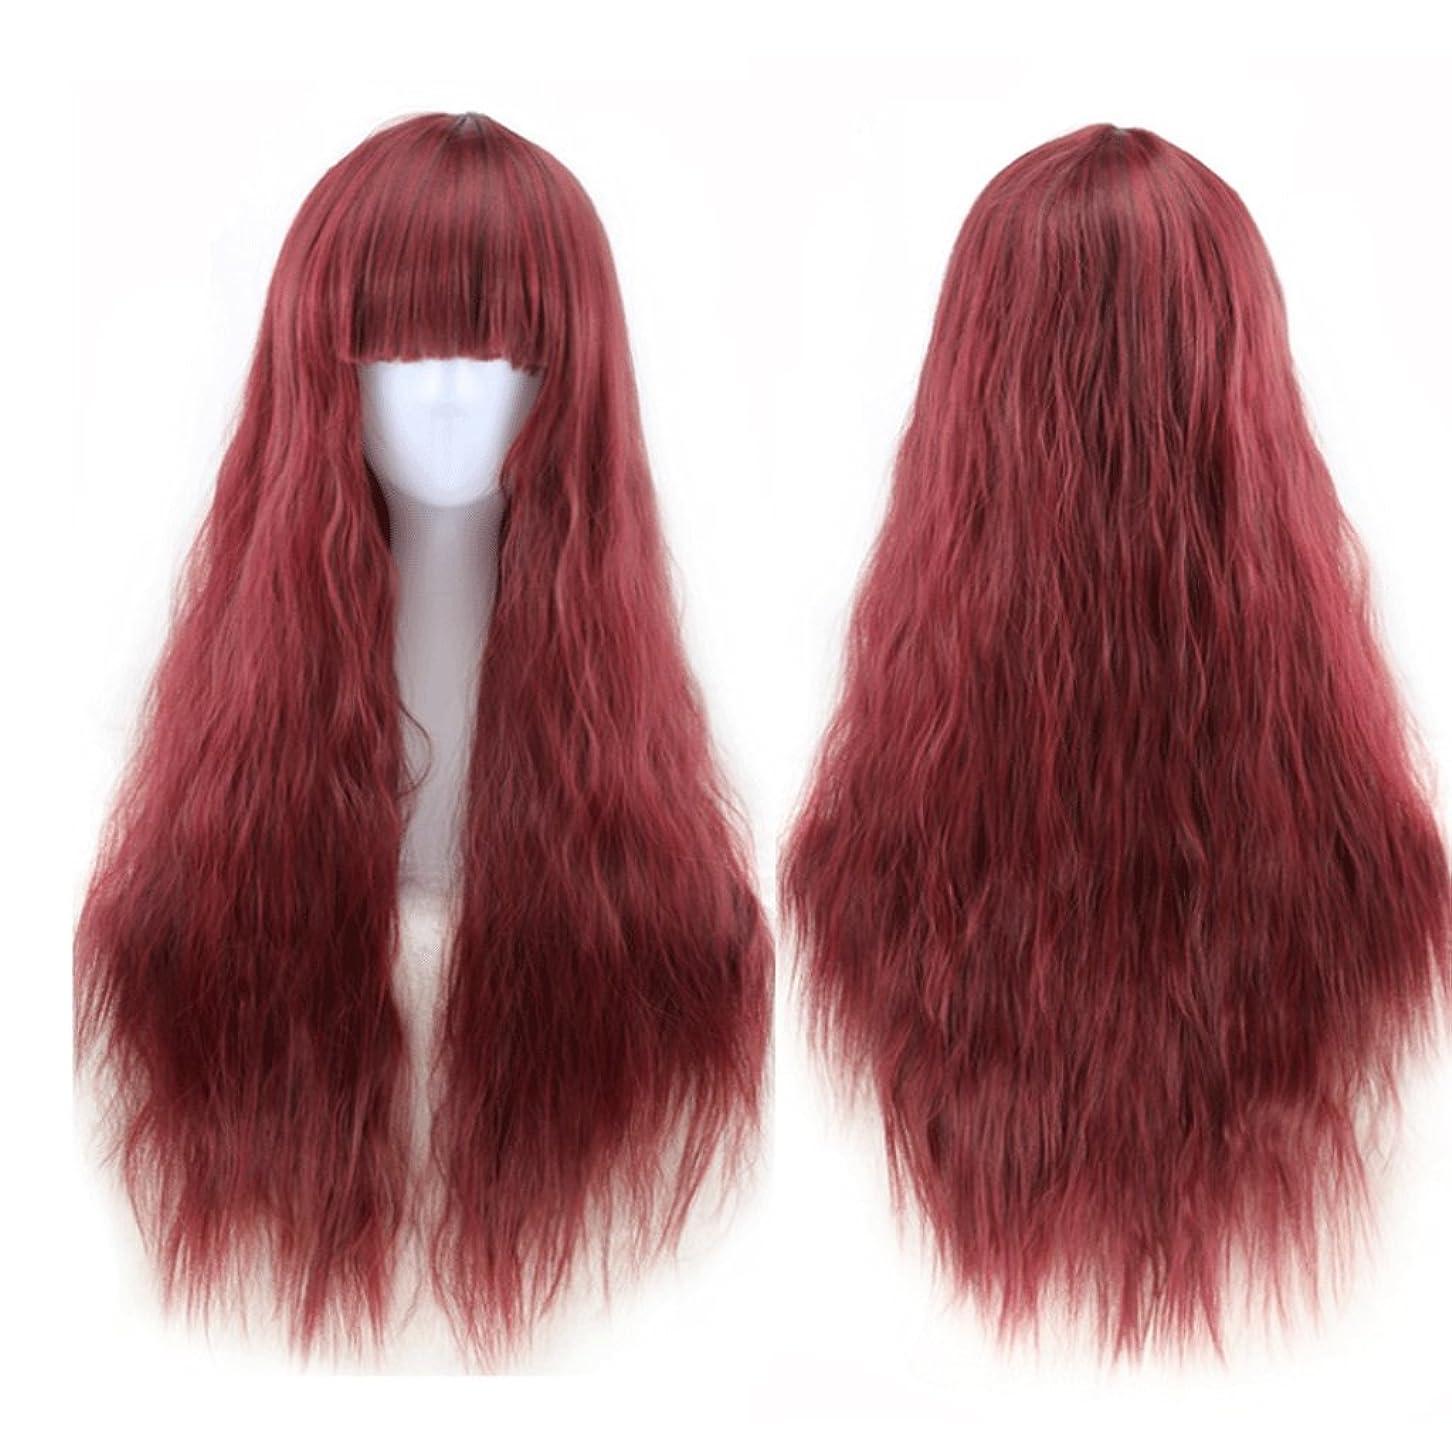 独創的のホスト統合するウィッグレディース6色を選択することができますファッショナブルふわふわした長い縮毛品質女性パーティウィッグ (Color : Wine red)